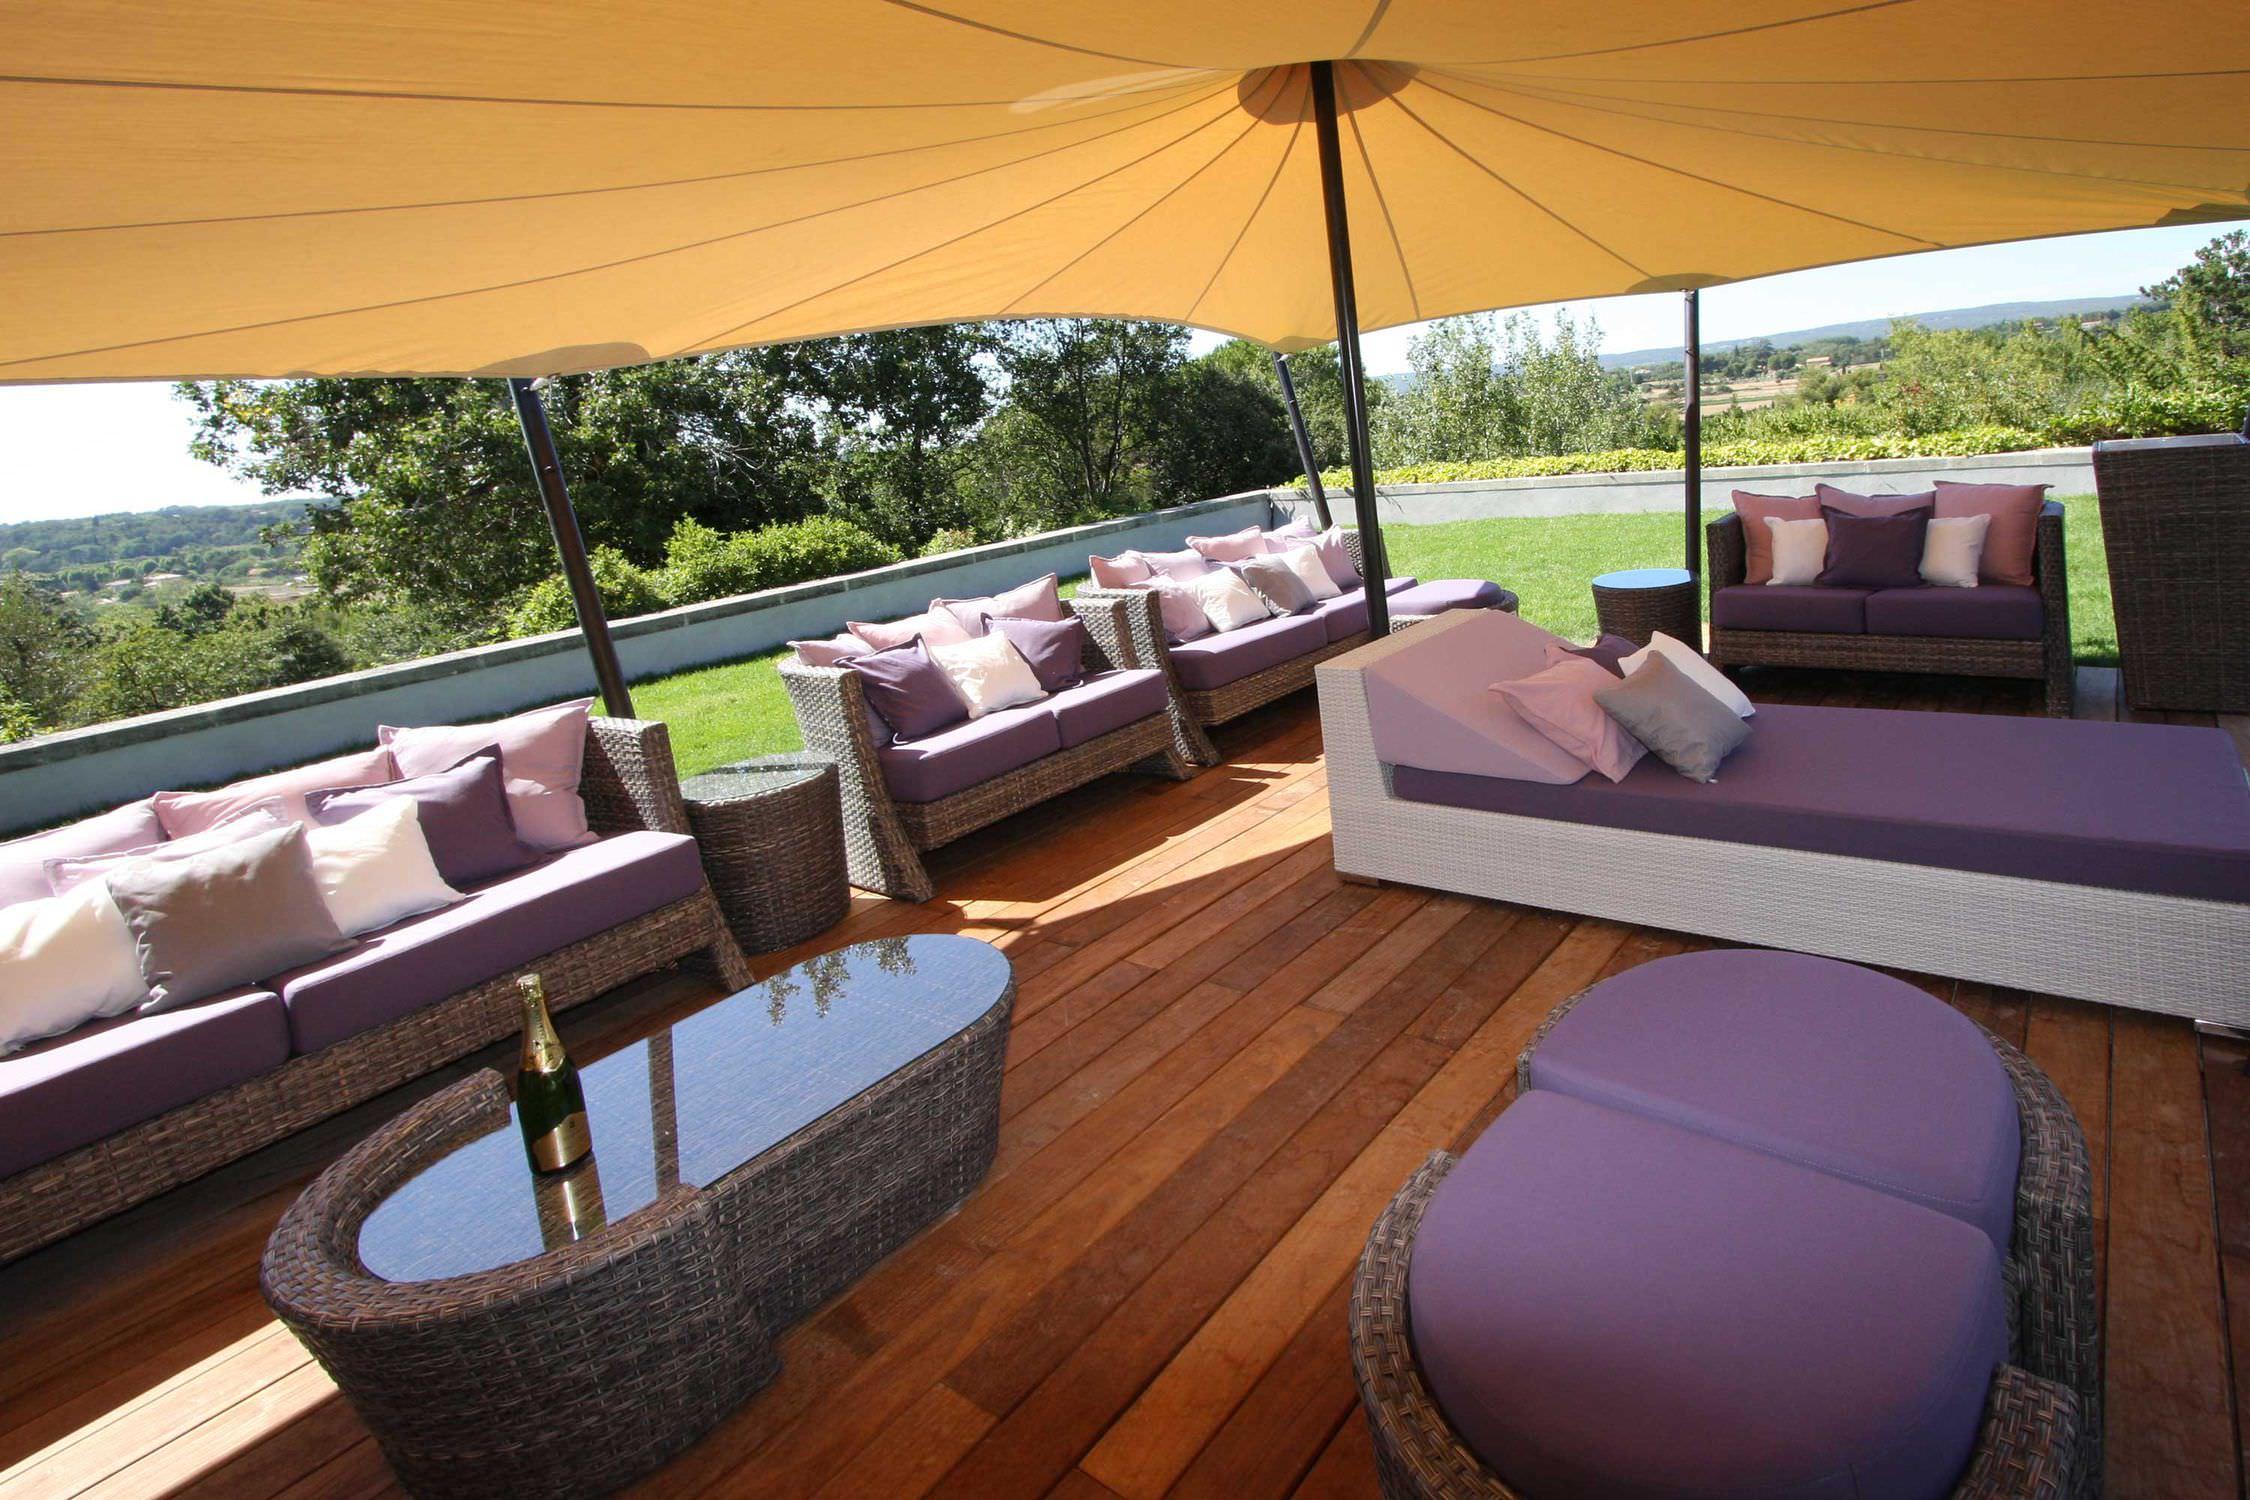 Gazebo toit en toile - TENTE TOUAREG JARDIN AIXOIS - Atelier Aude ...